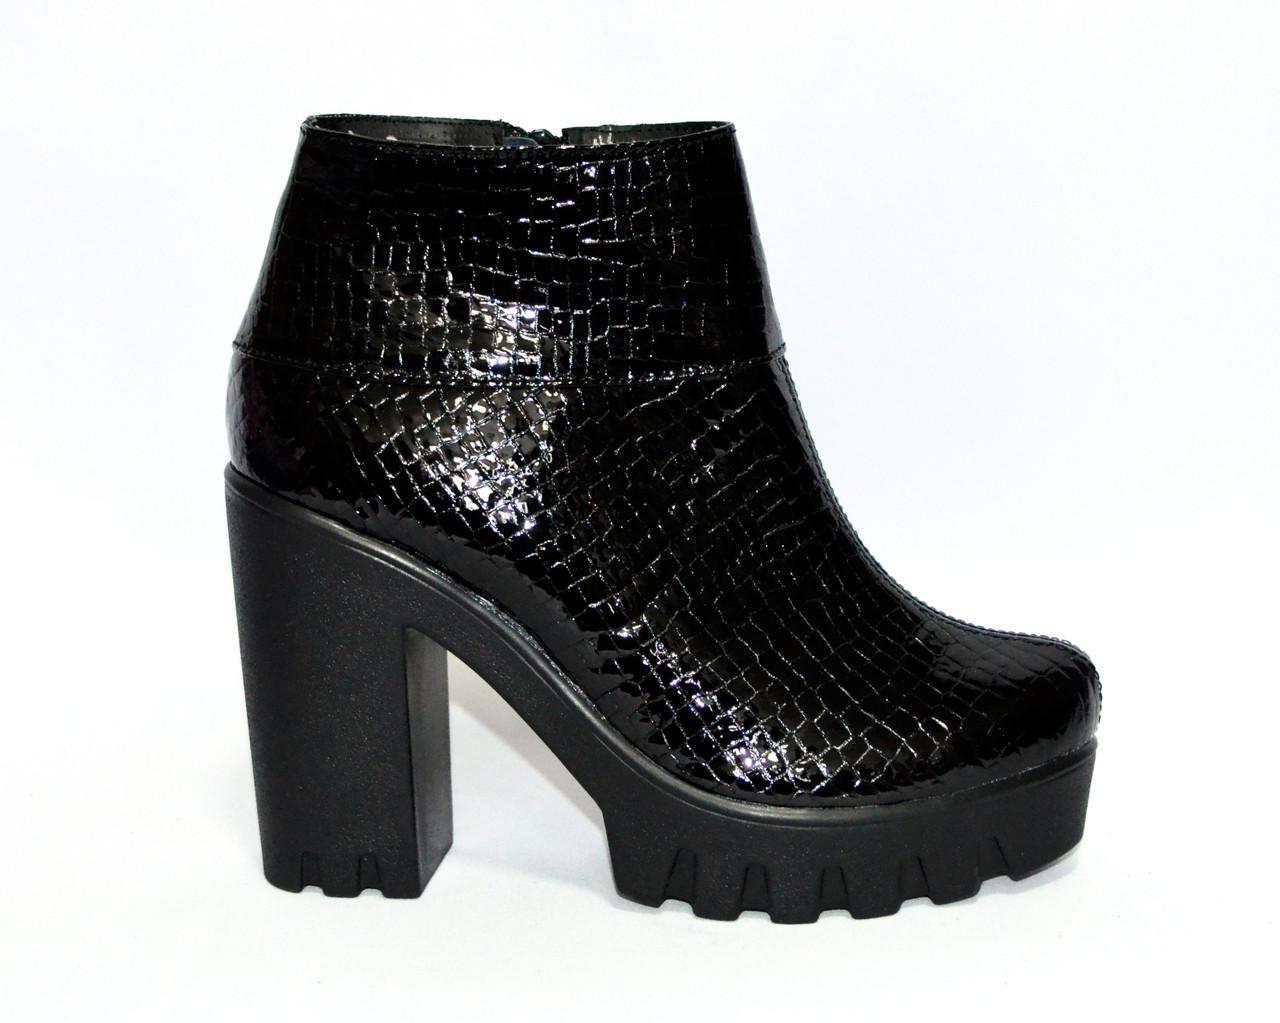 """Ботинки стильные женские демисезонные на тракторной подошве, кожа """"крокодил""""."""